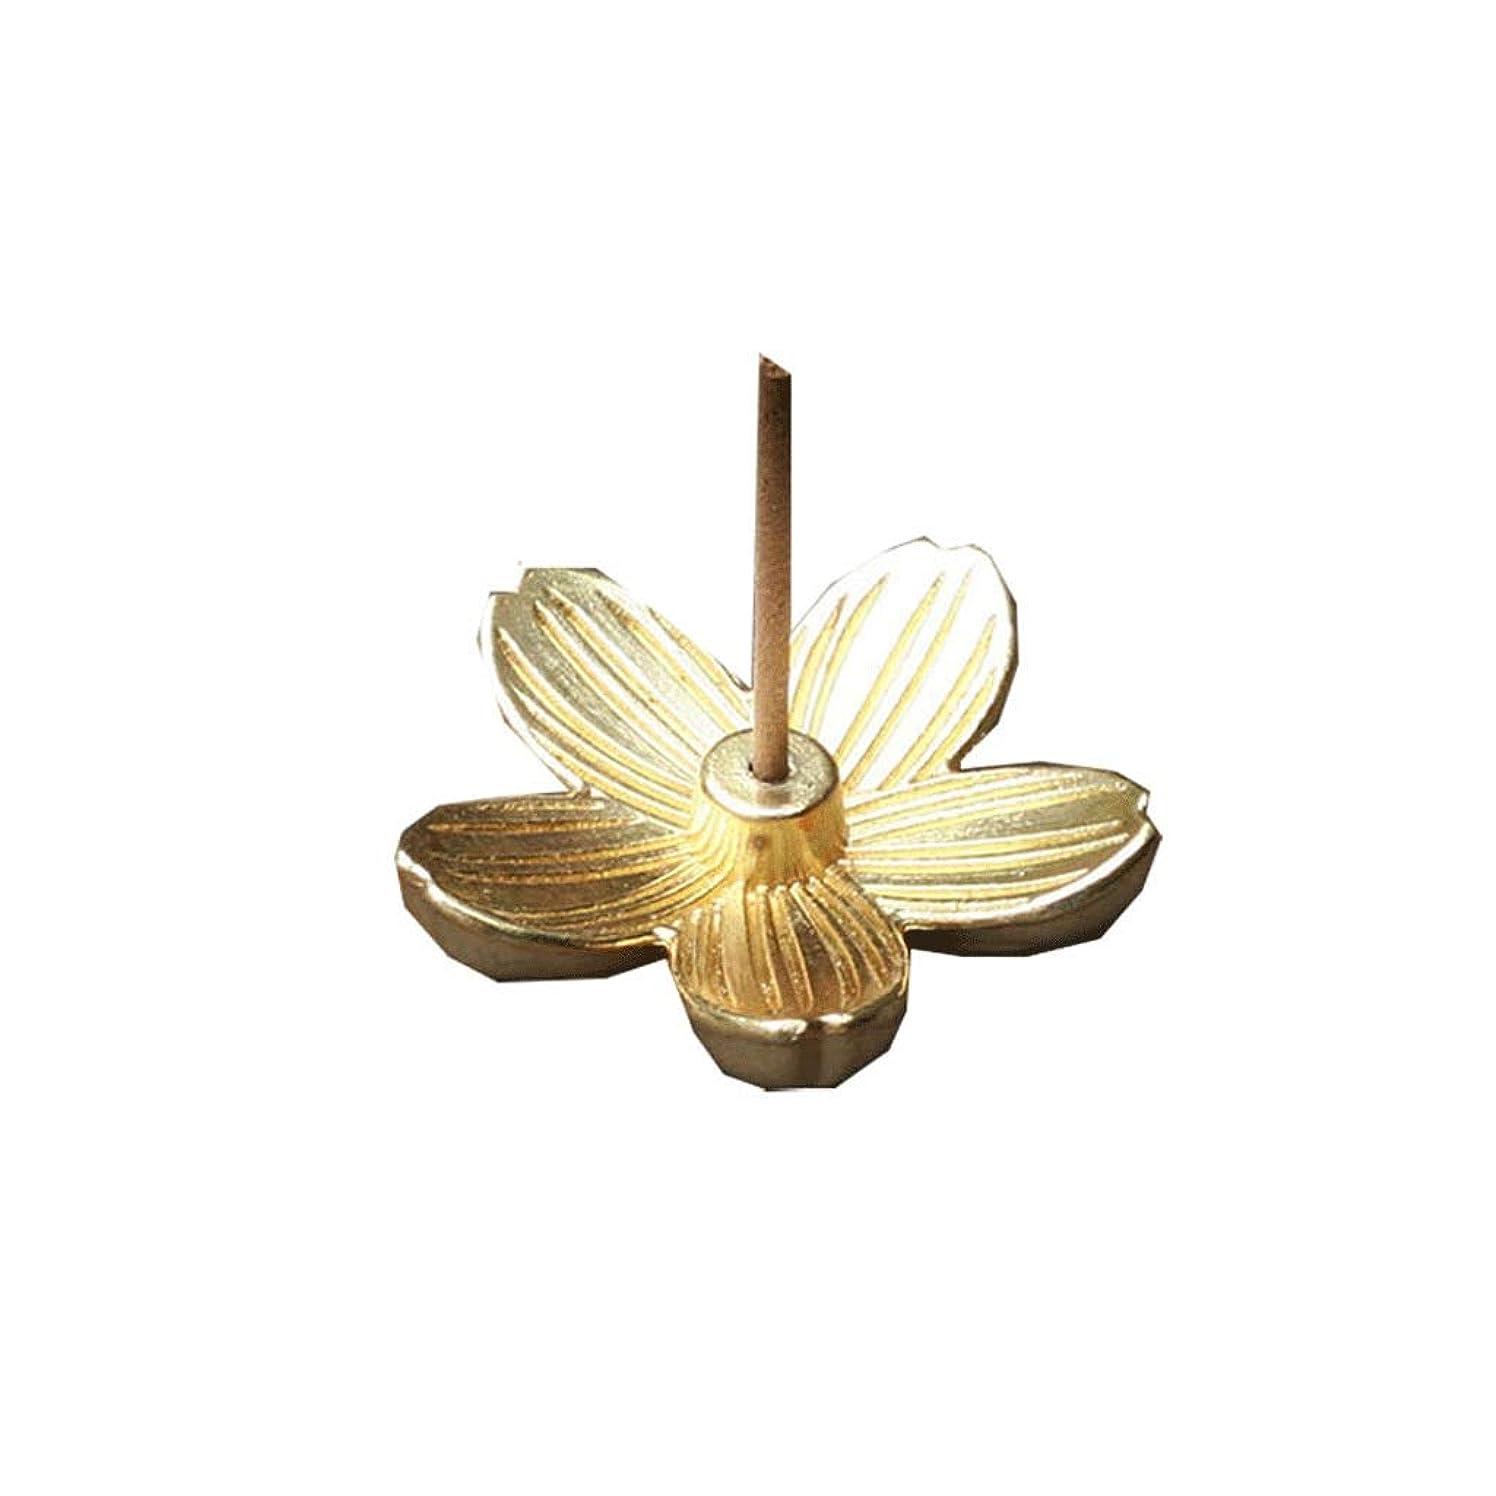 降下打撃ポーククリエイティブヴィンテージ銅アートさくら型の香炉香スティックコーンホルダーホーム仏教の装飾誕生日お香ホルダー (Color : Gold, サイズ : 1.14*1.14inchs)